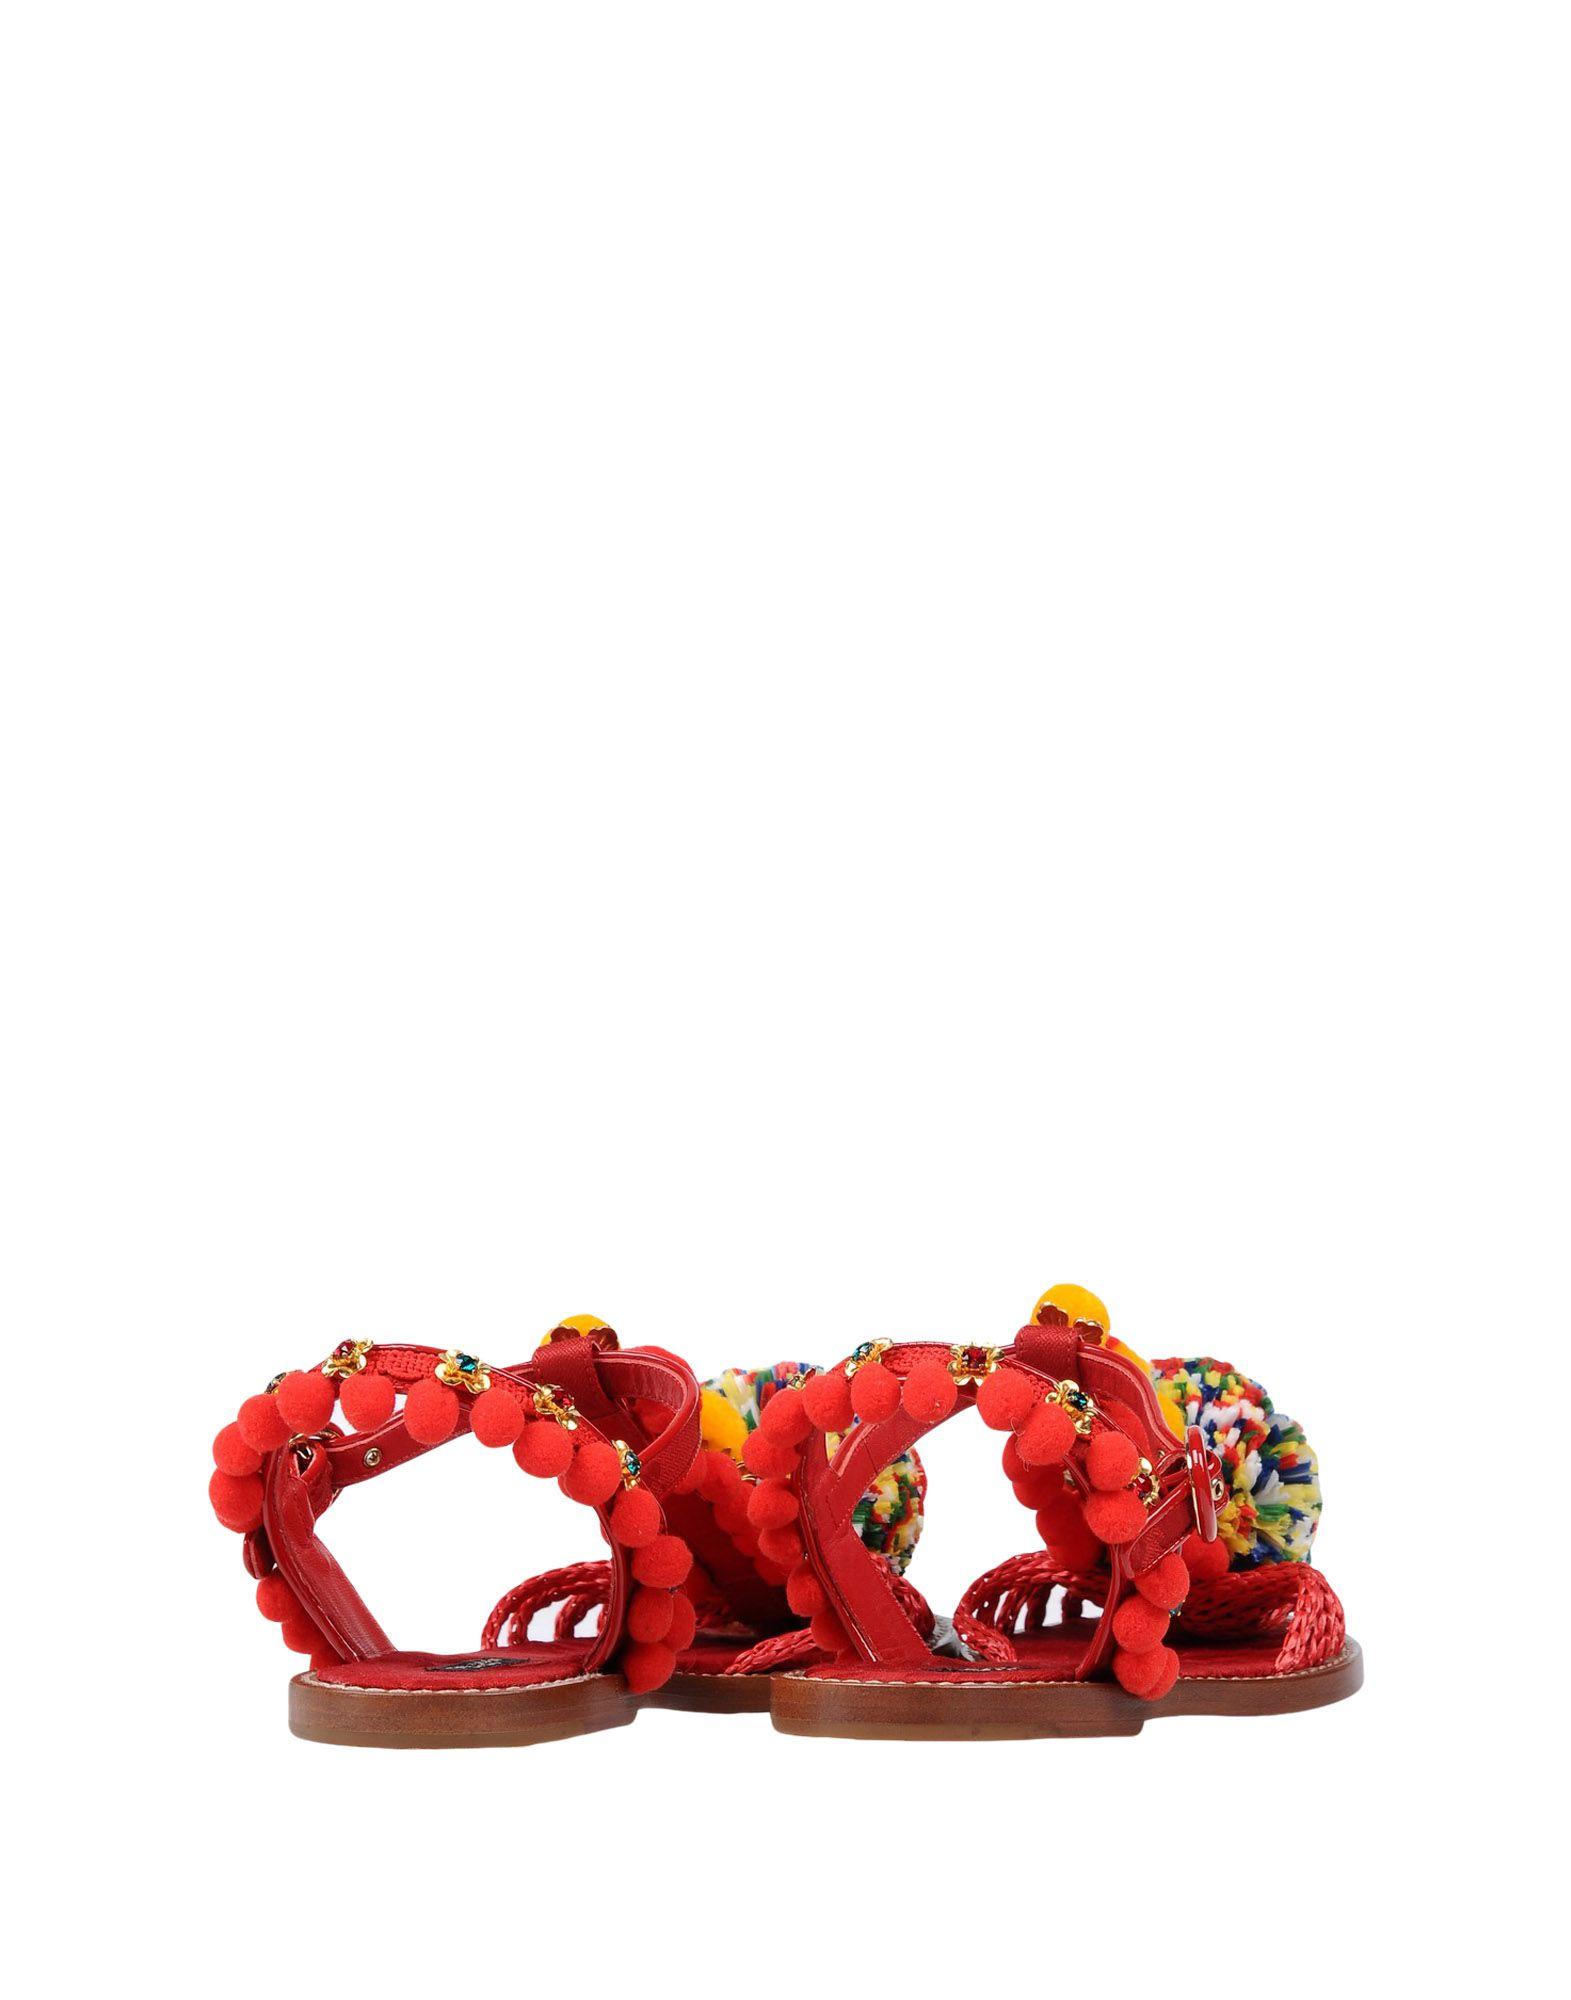 Dolce & Damen Gabbana Sandalen Damen & Gutes Preis-Leistungs-Verhältnis, es lohnt sich 650def